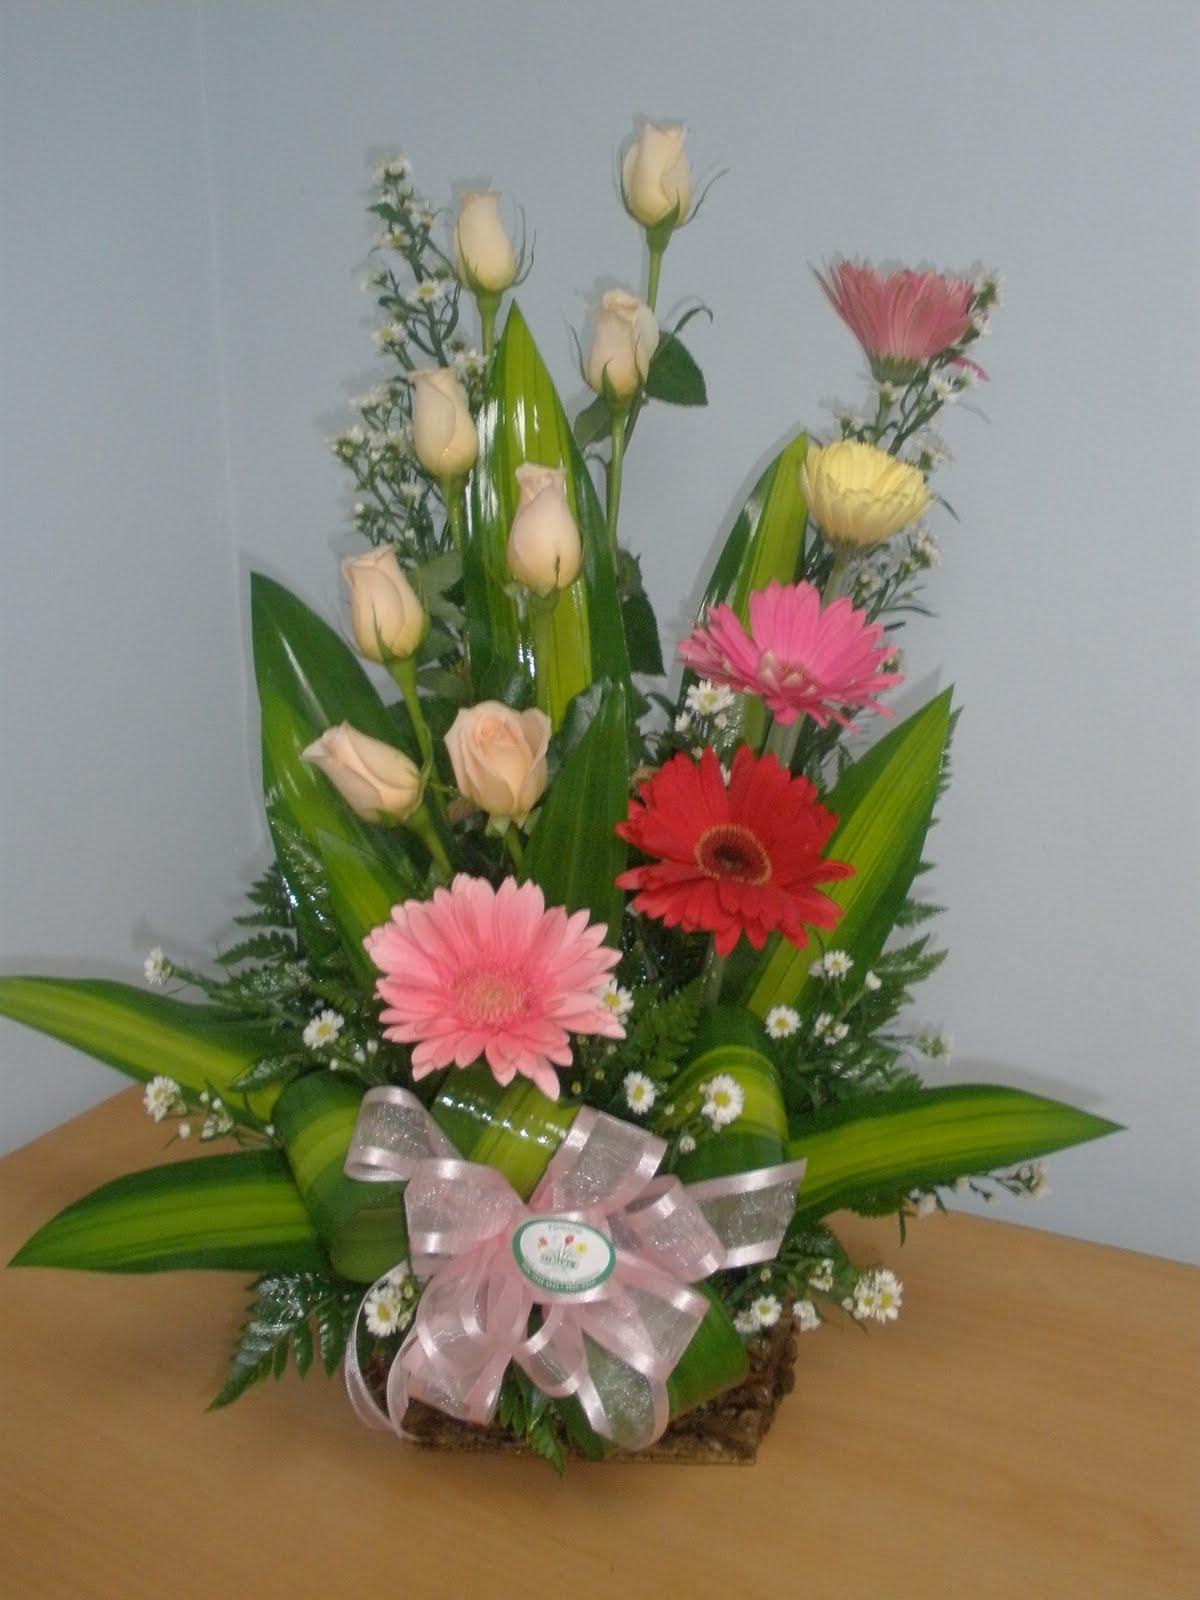 Centros de mesa flores naturales car interior design - Centros de plantas naturales ...